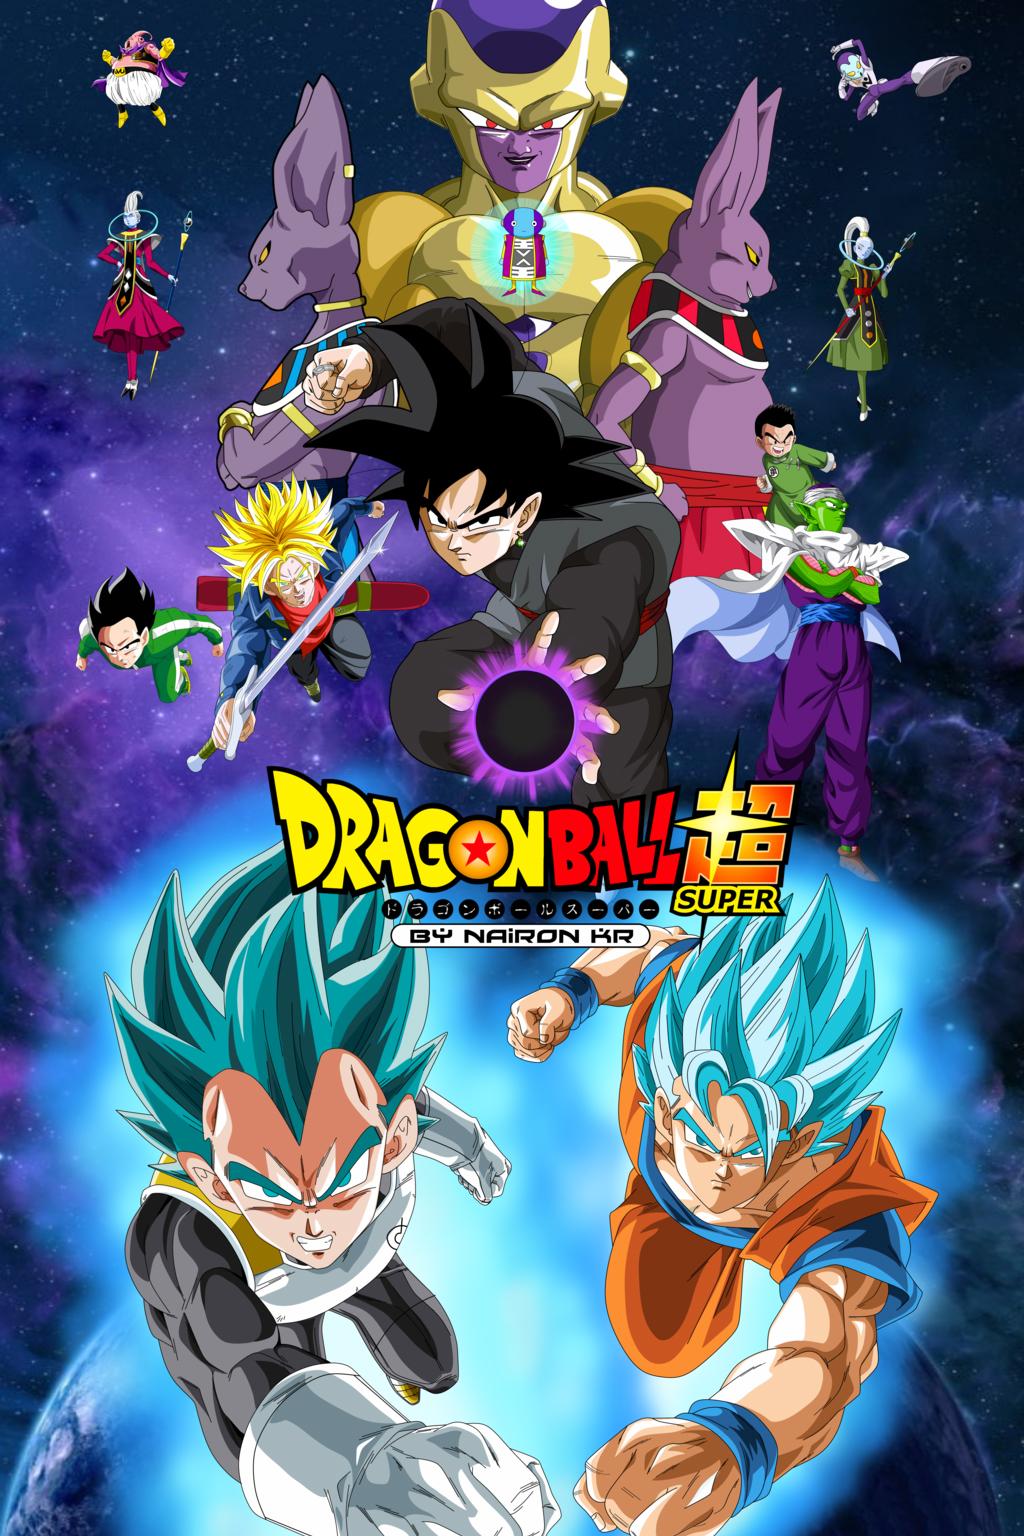 Bảy Viên Ngọc Rồng Siêu Cấp (Thuyết minh) - Dragon Ball Super 2015